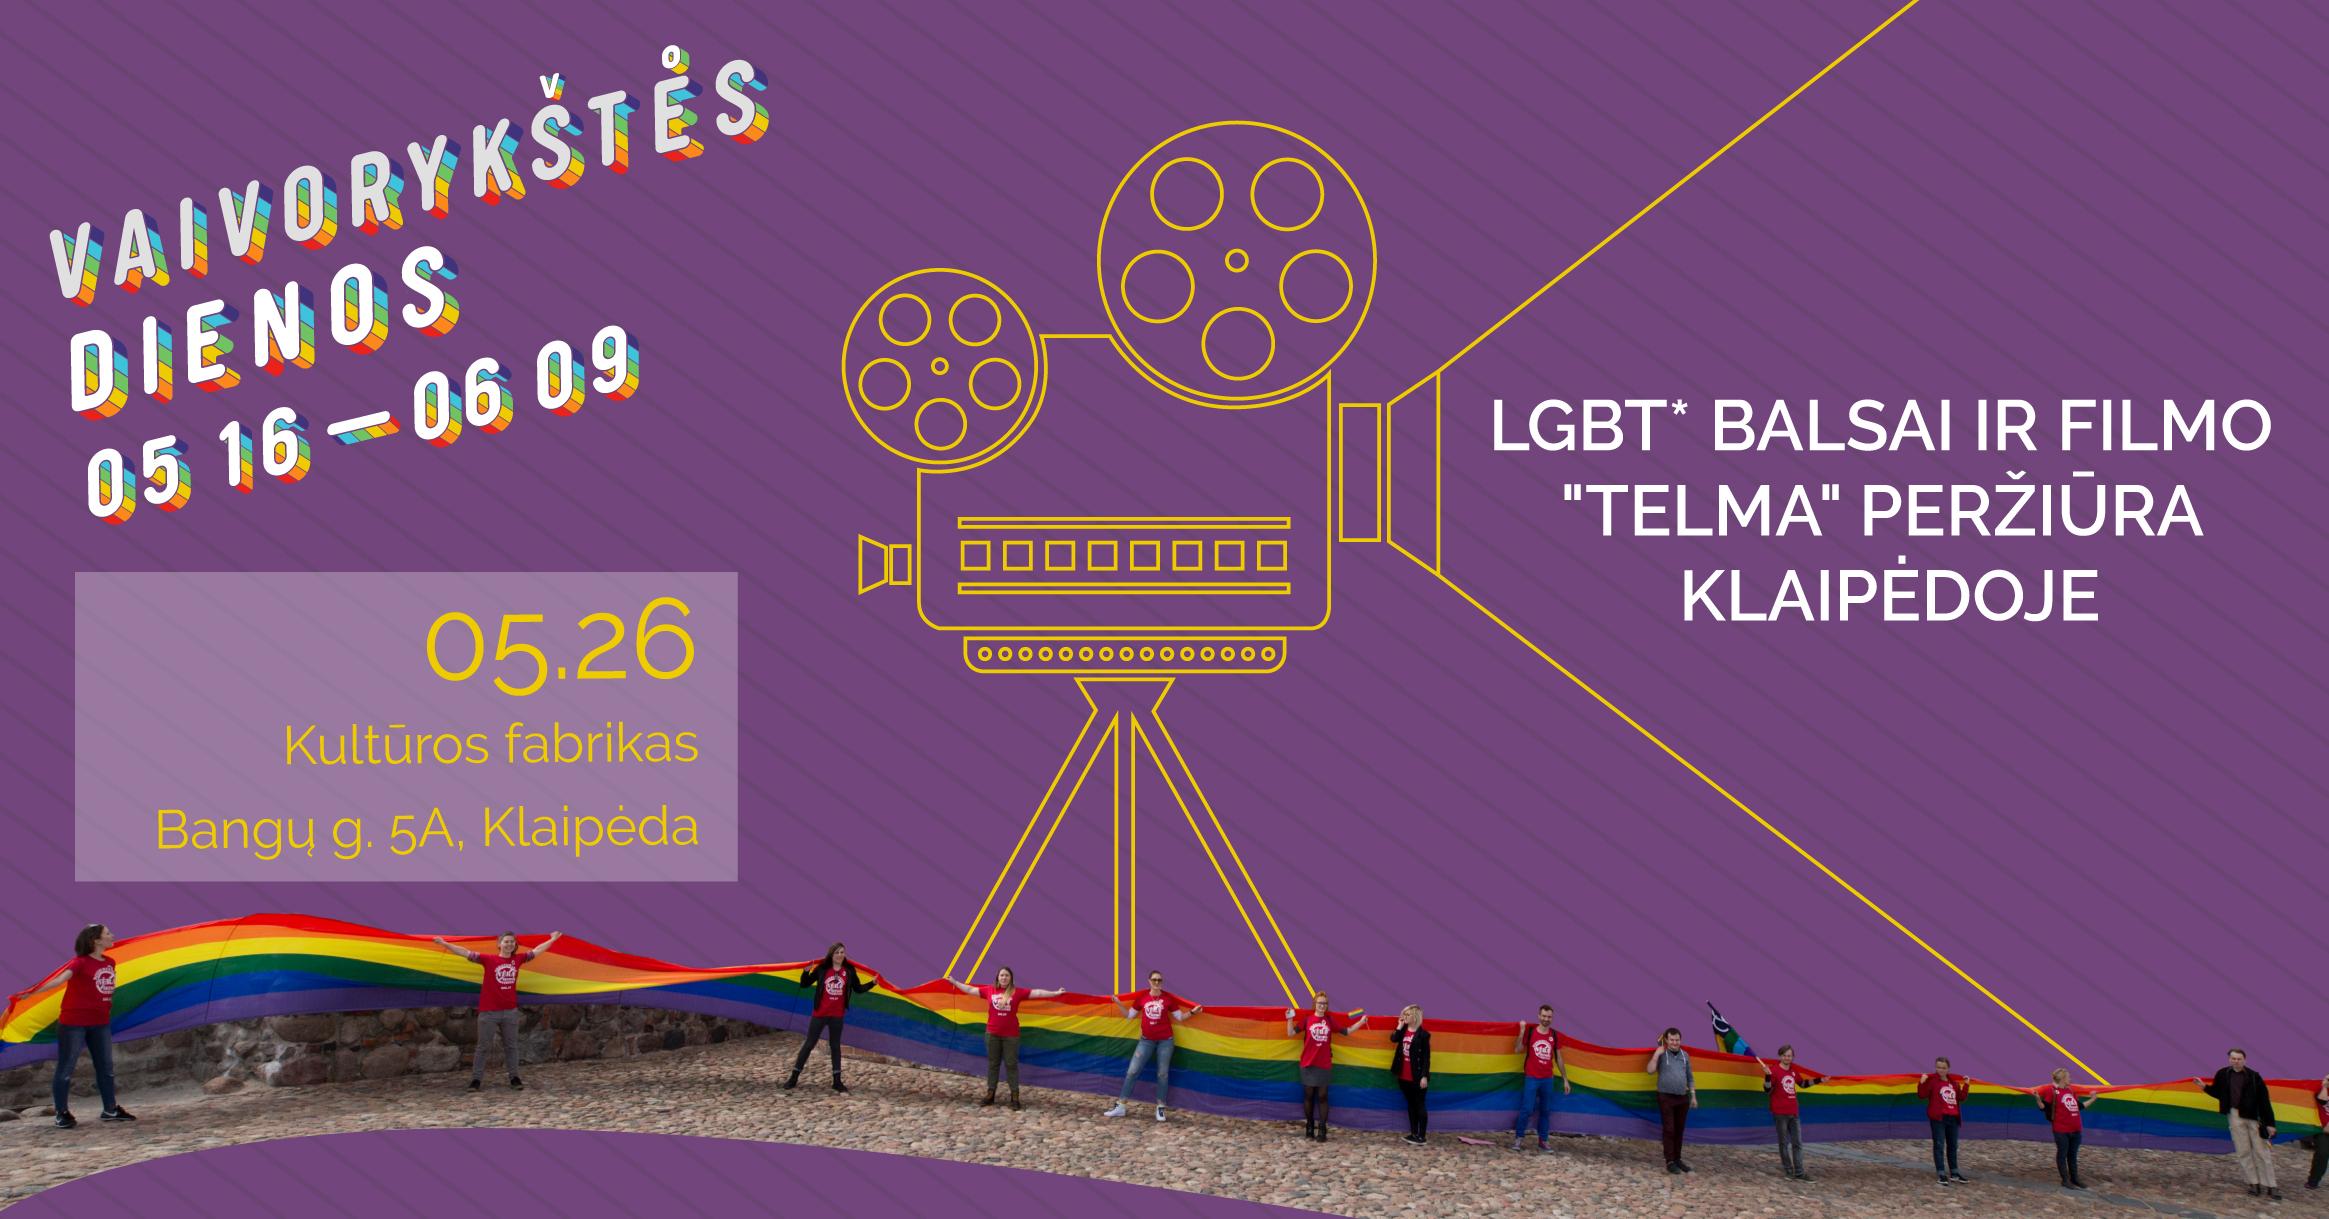 """""""LGBT* BALSAI"""" IR FILMO """"TELMA"""" PERŽIŪRA KLAIPĖDOJE"""